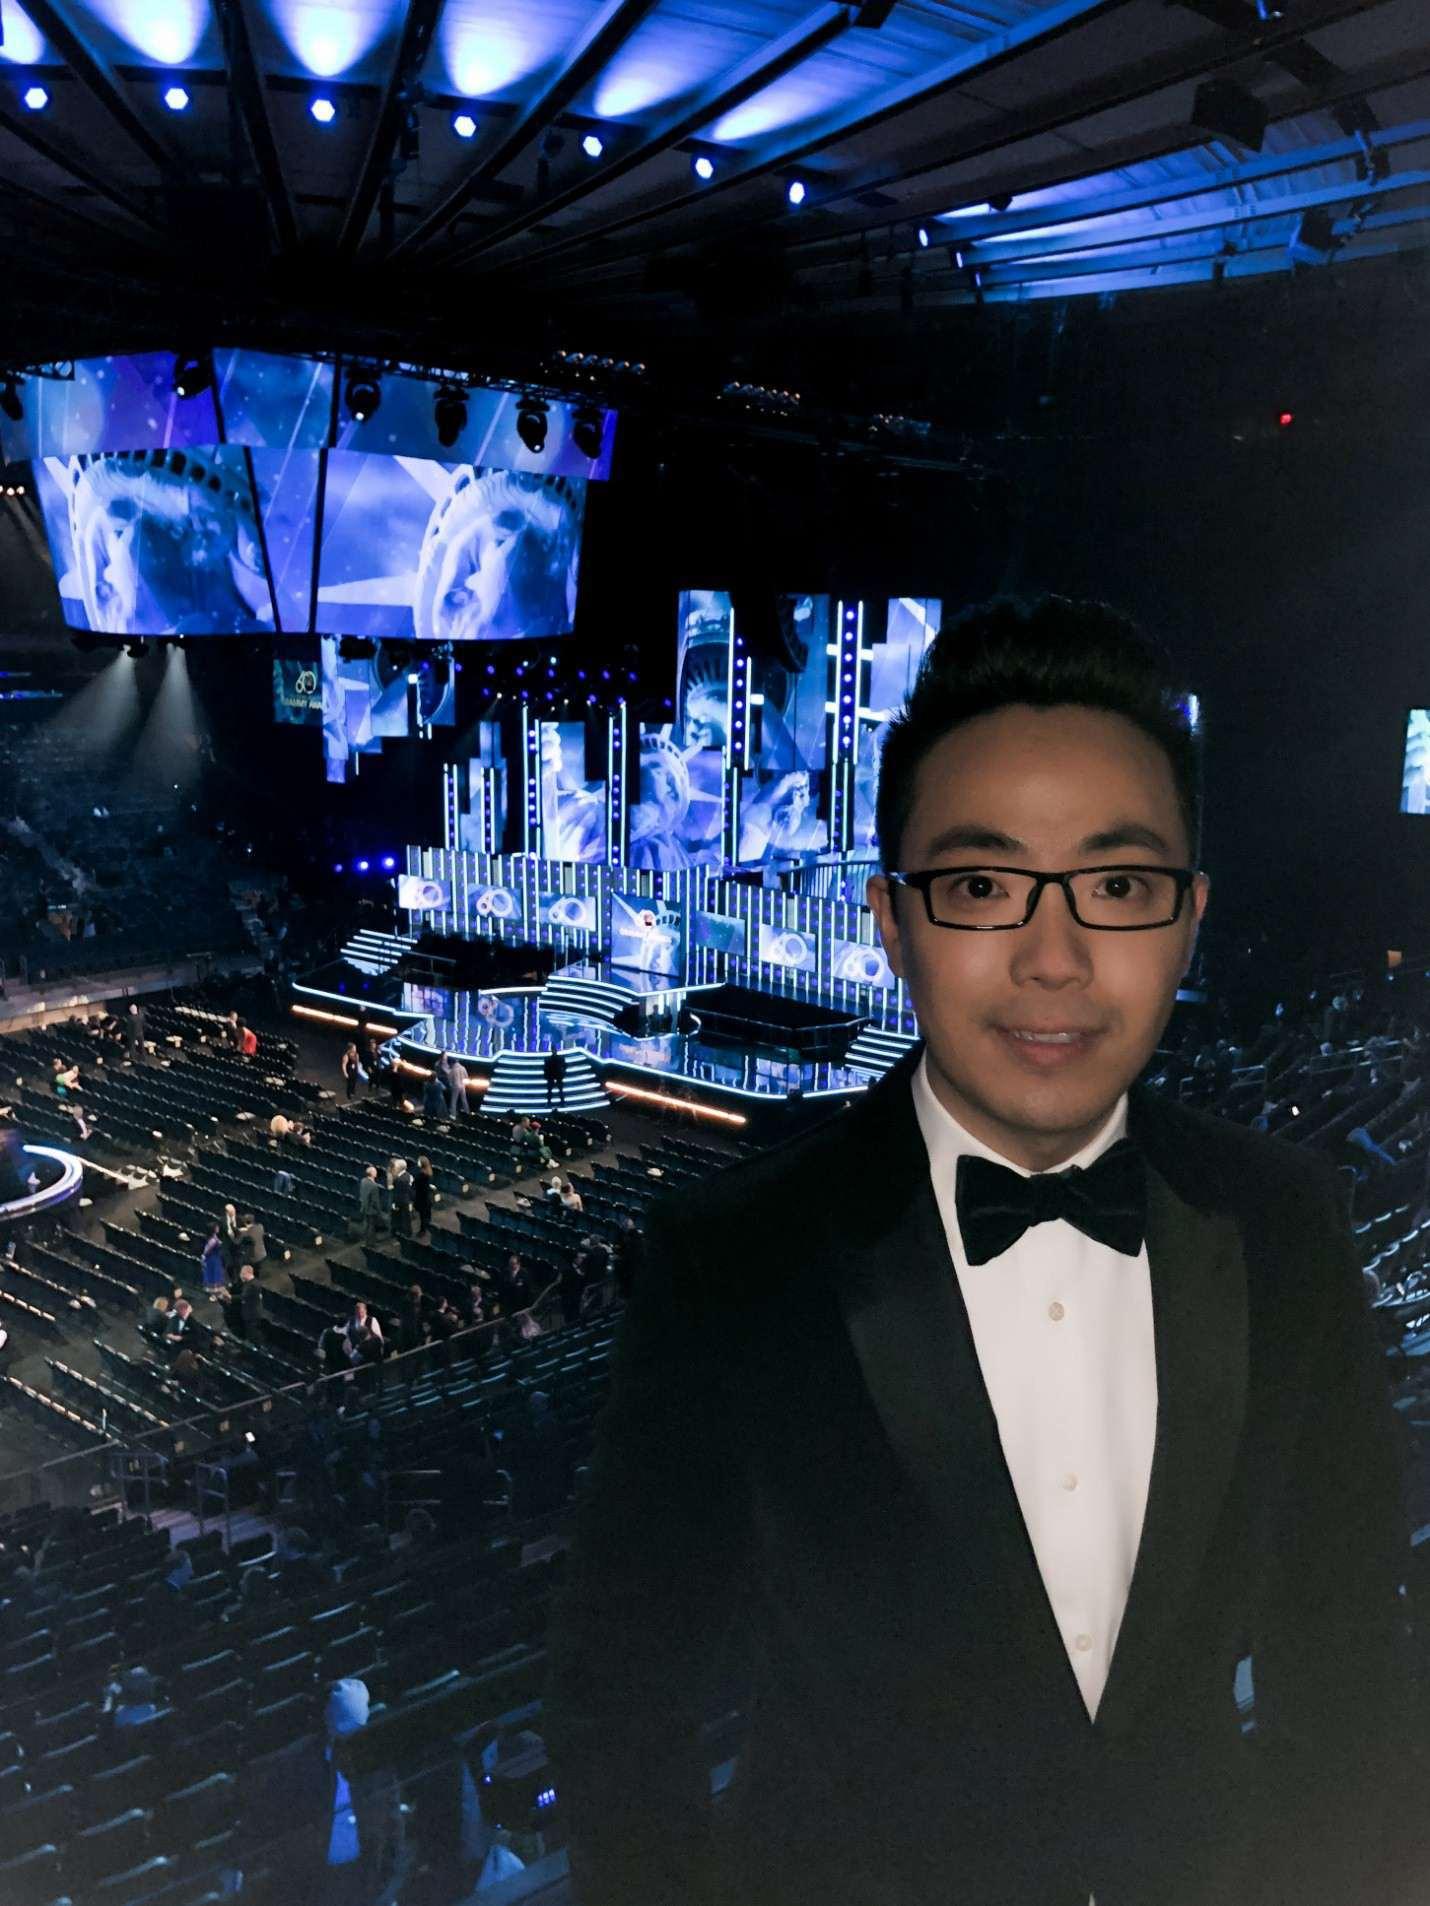 音乐家马琳、陈震携新专辑出席格莱美颁奖典礼